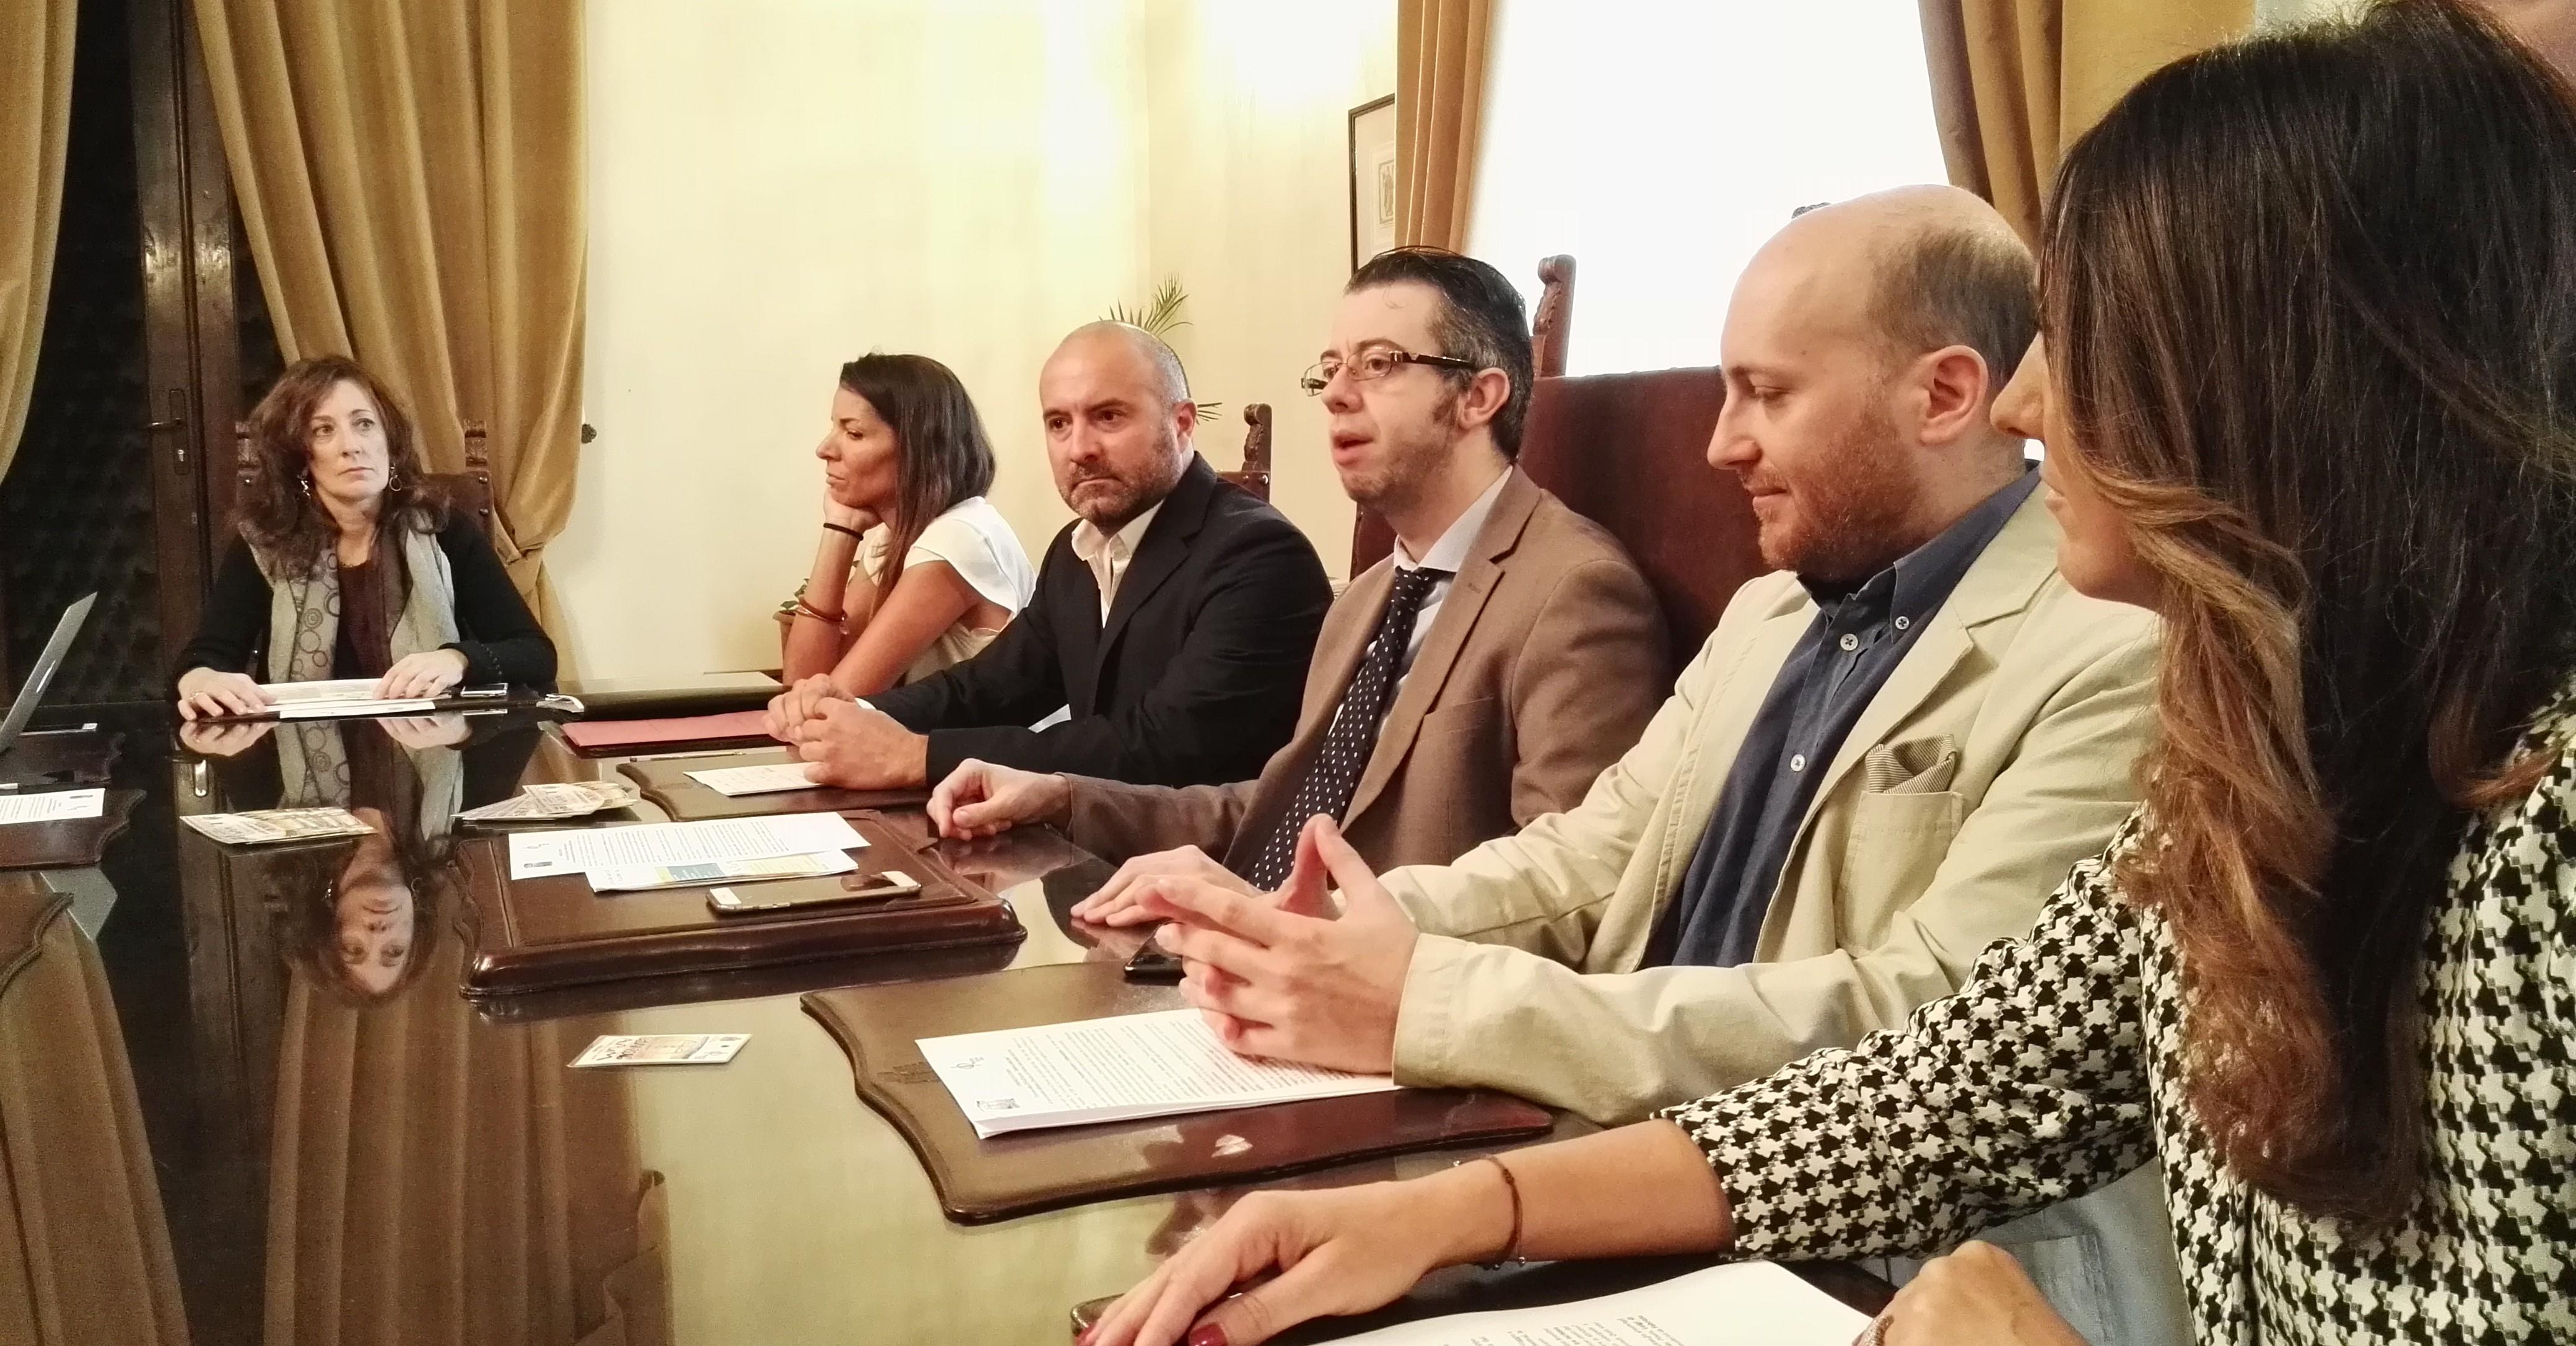 Conferenza-stampa-di-presentazione-dellevento.j